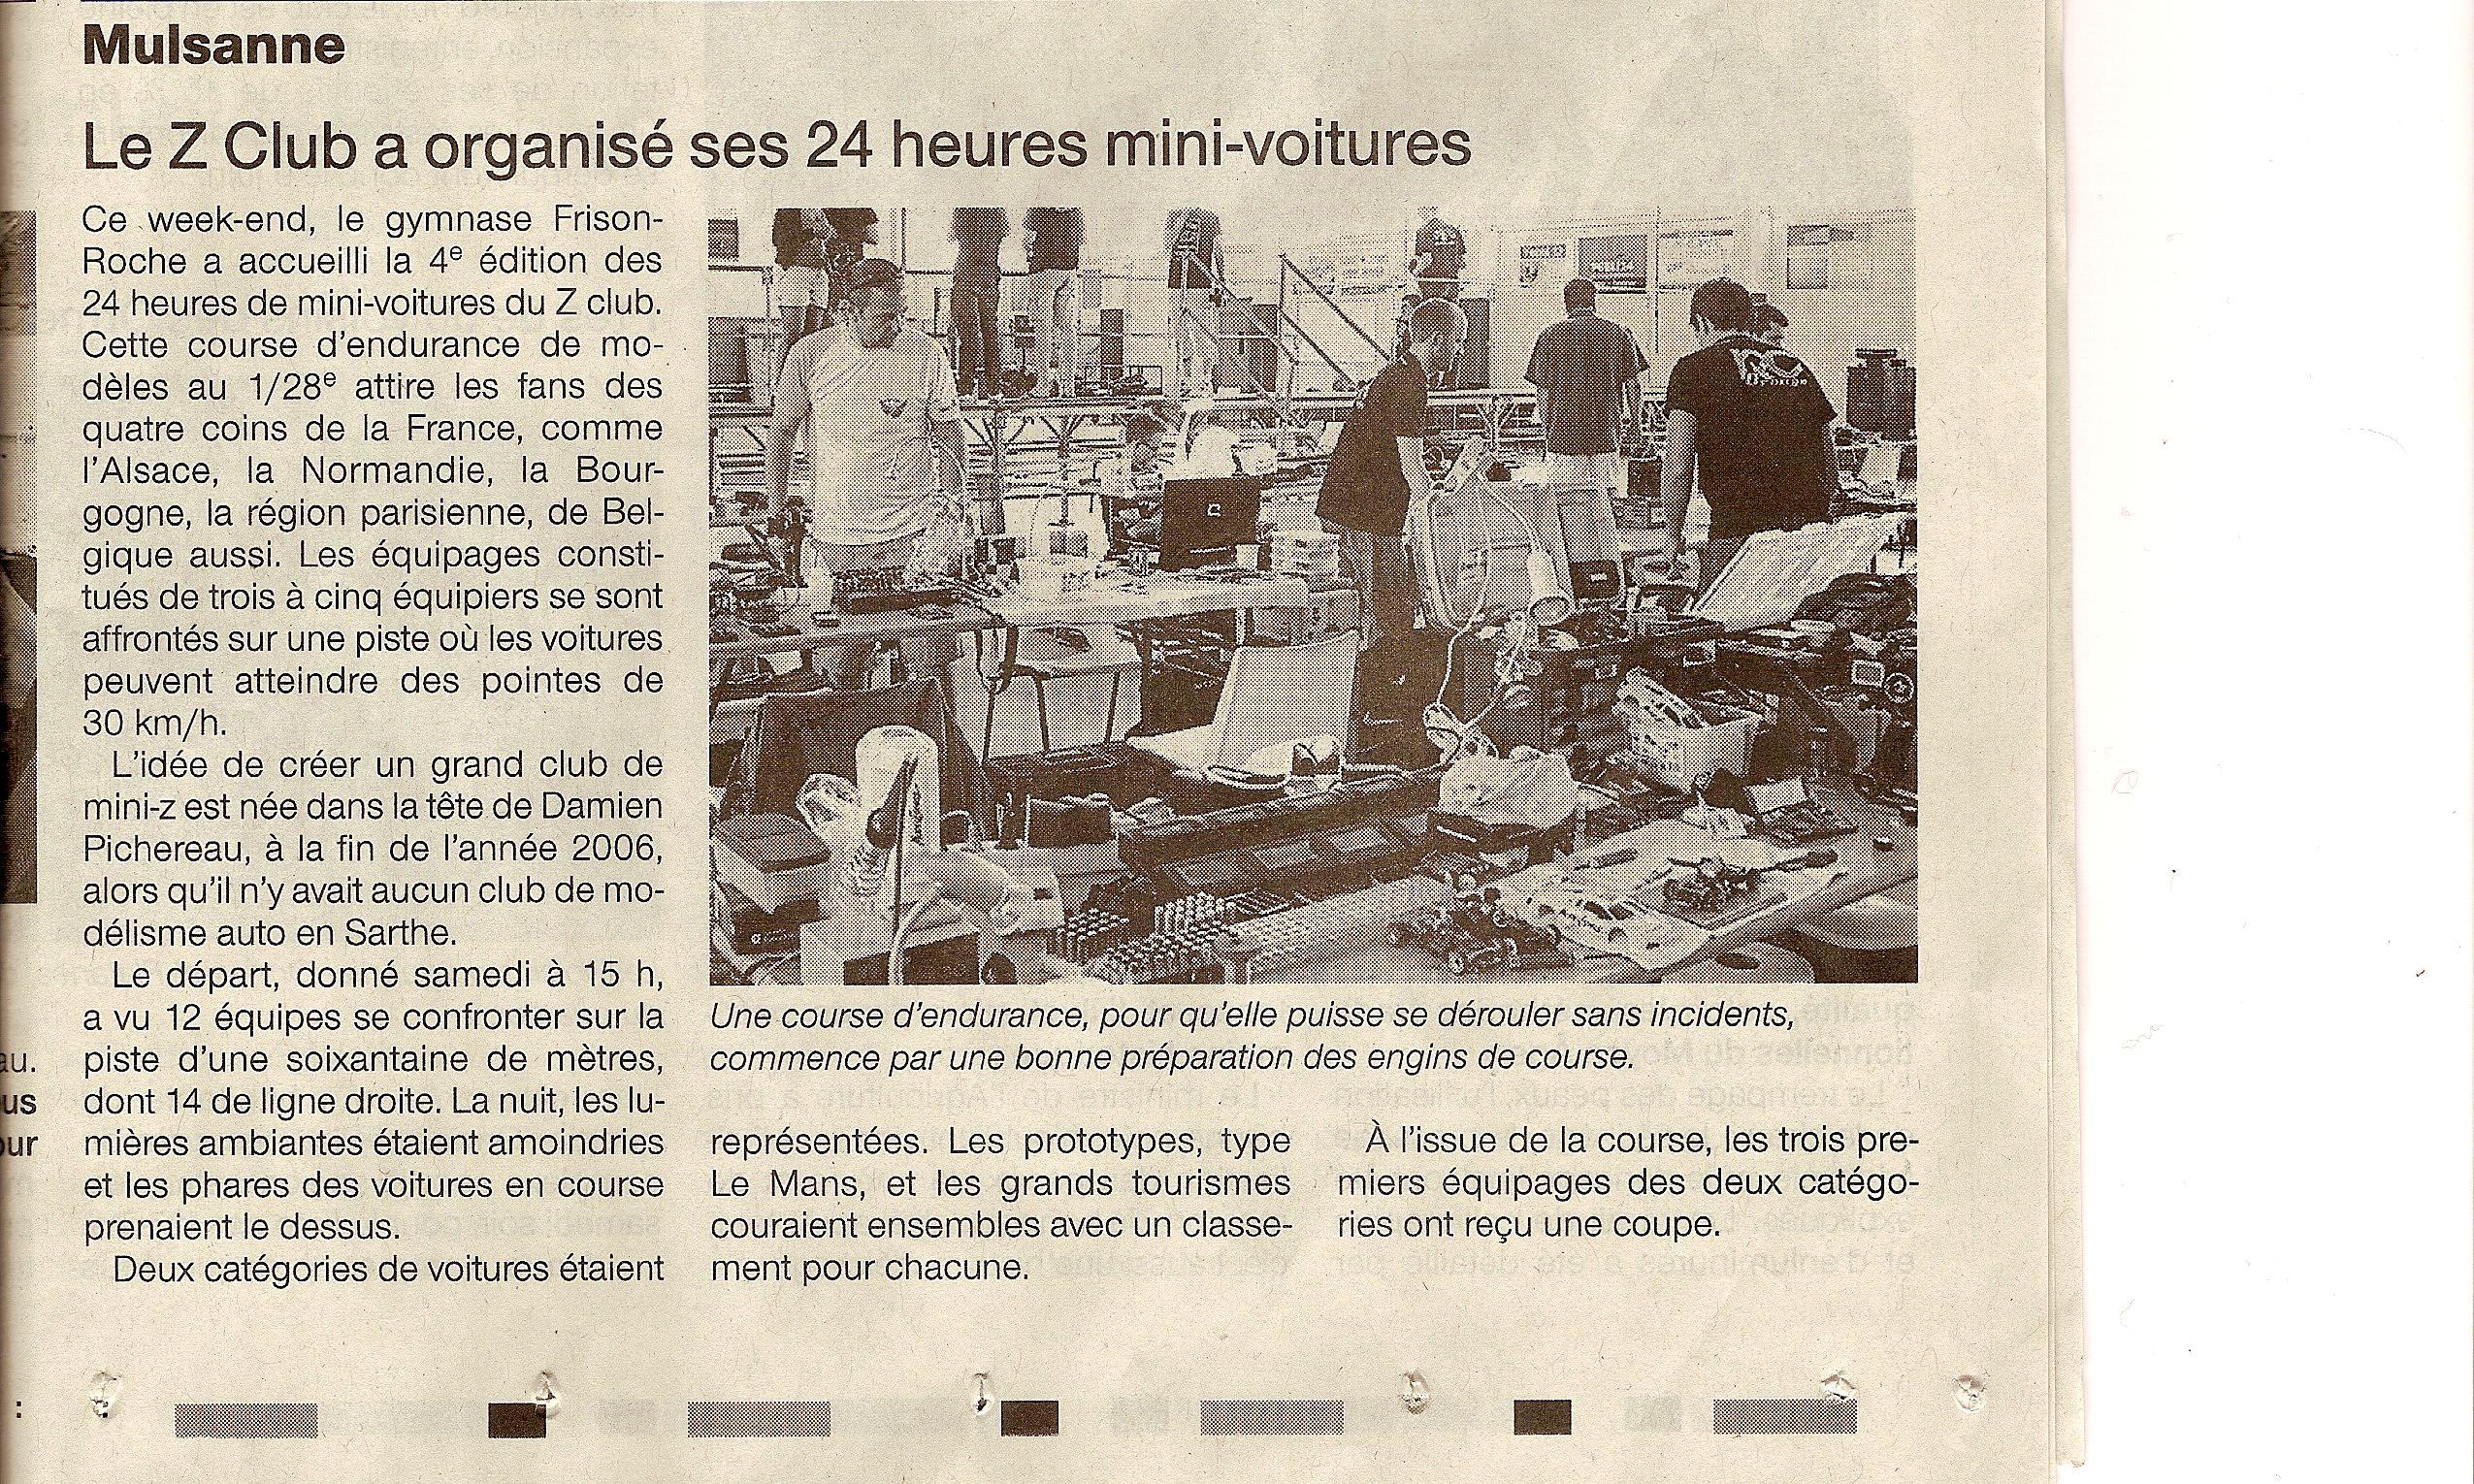 02-03/06/2012 - ZCM (72) - 24h00 de Mulsanne - Page 8 Zcm-24h-002-353d3ee